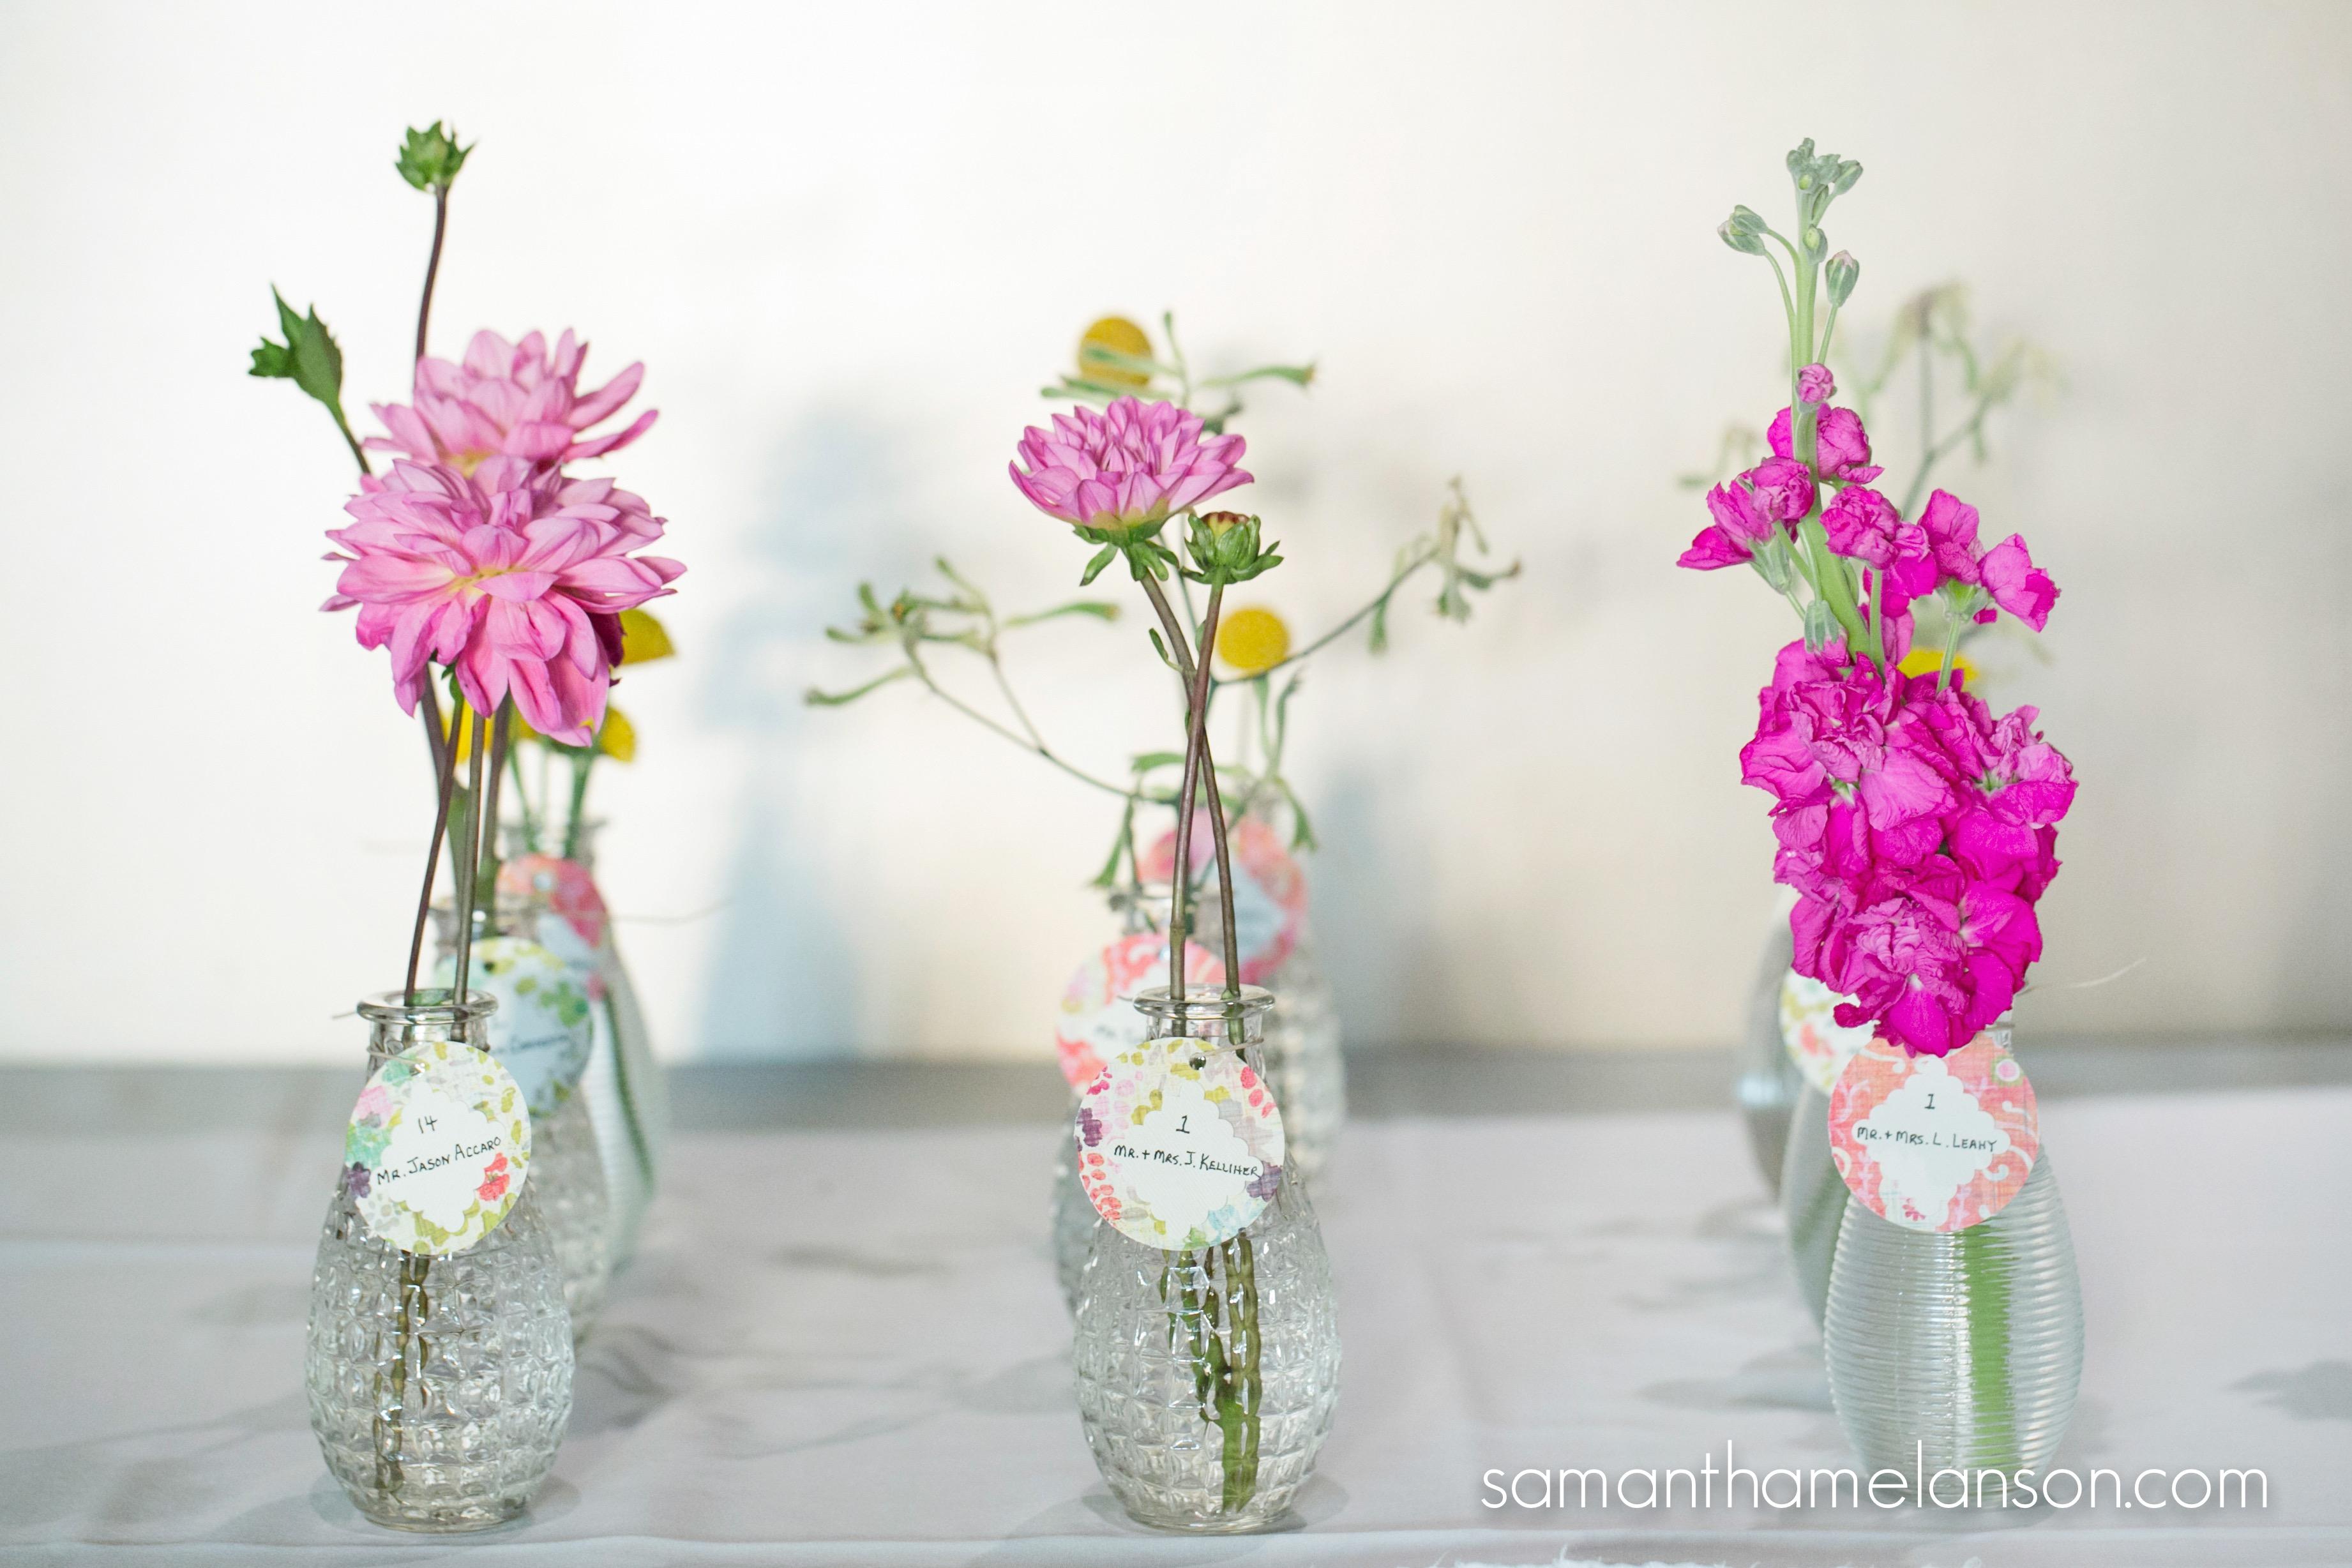 Summer Wedding Centerpiece Ideas & Inspiration